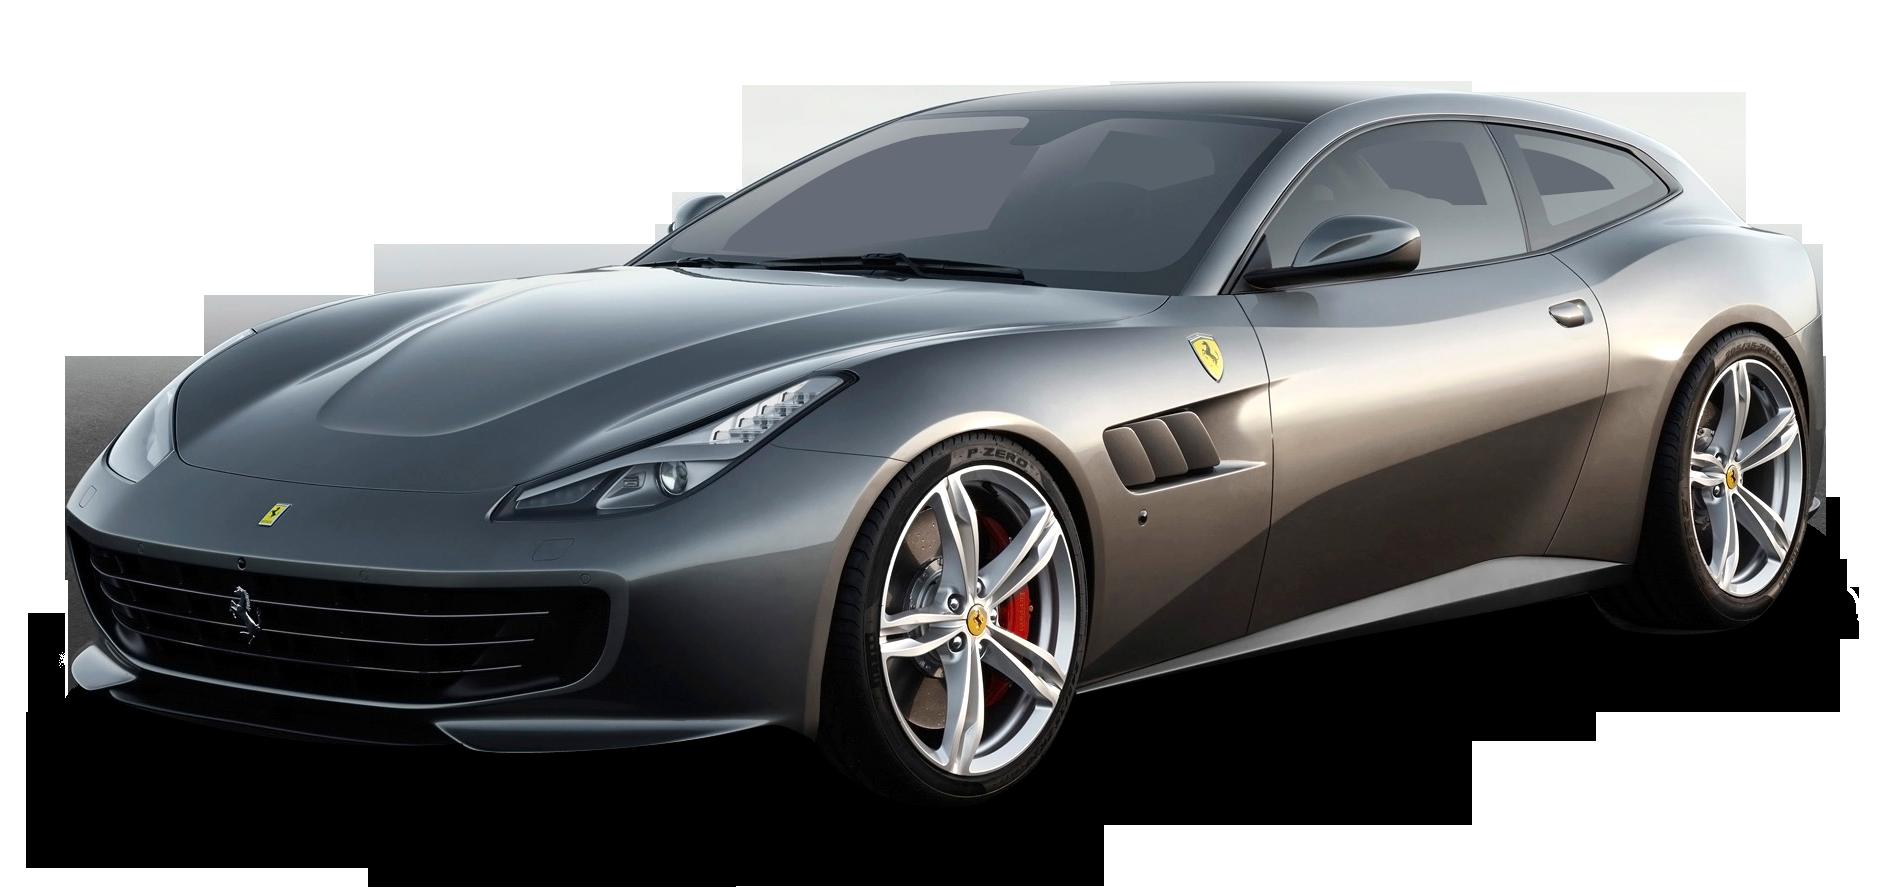 Grey Ferrari GTC4 Lusso Car